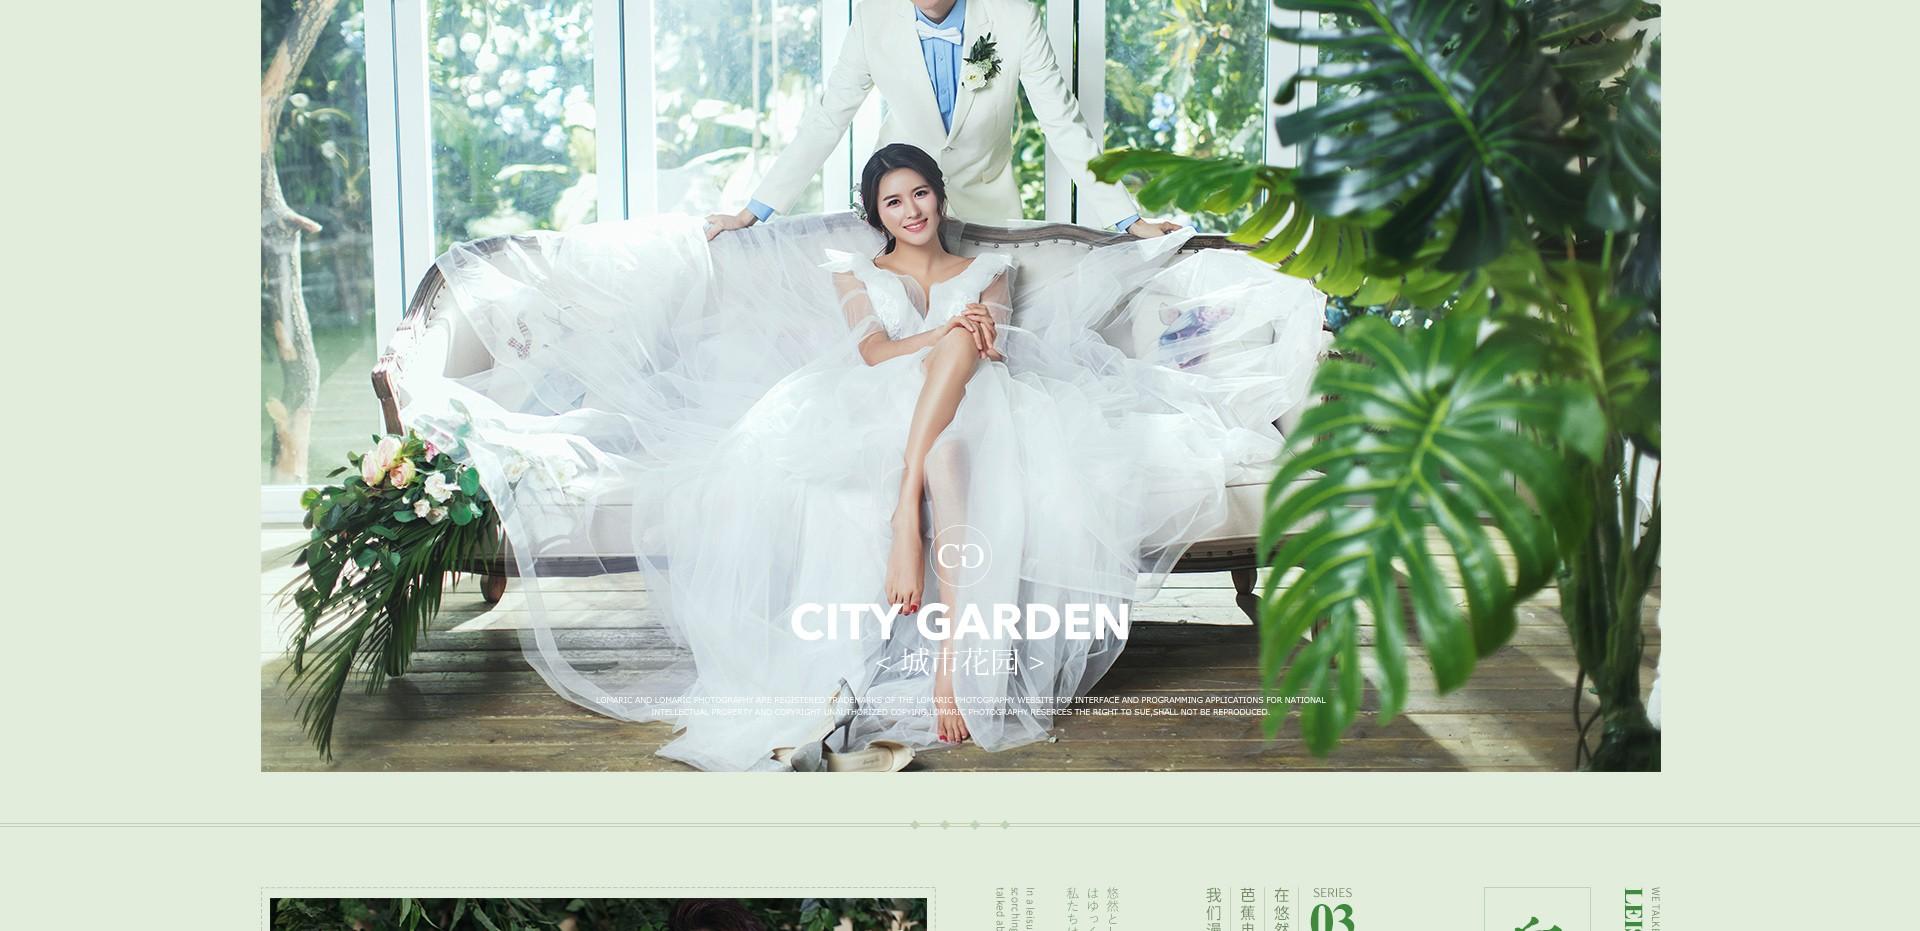 城市花园专题页设计5_09.jpg